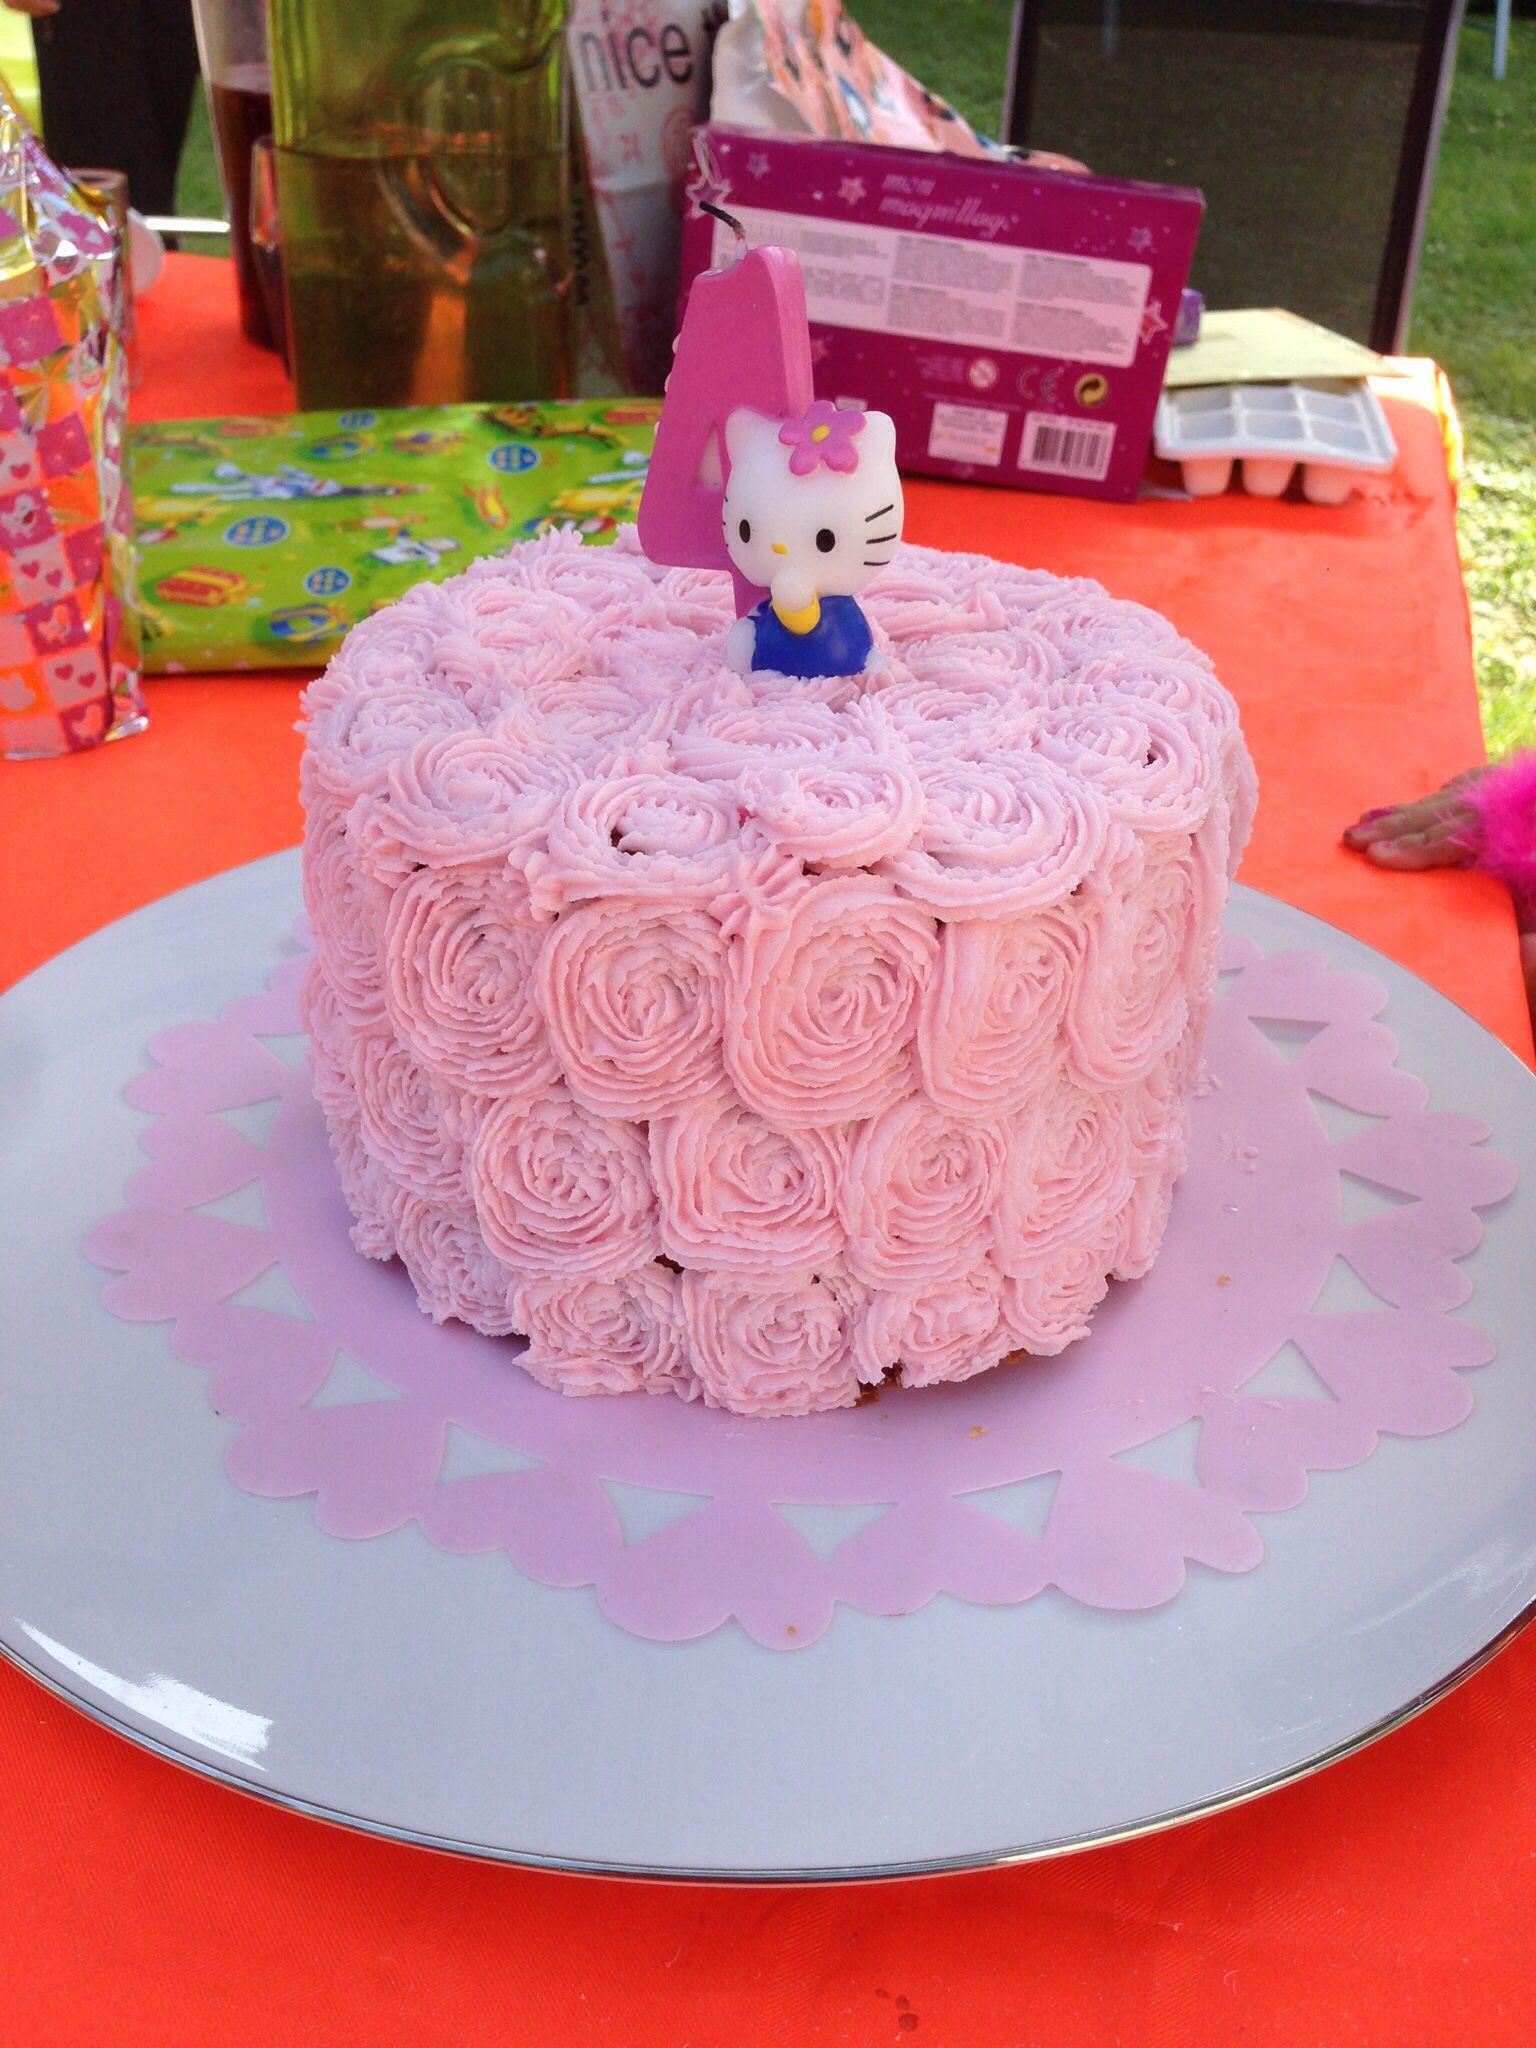 Birthday Cake 4 Year Old Girl Cake Decorating Videos Cake Cake